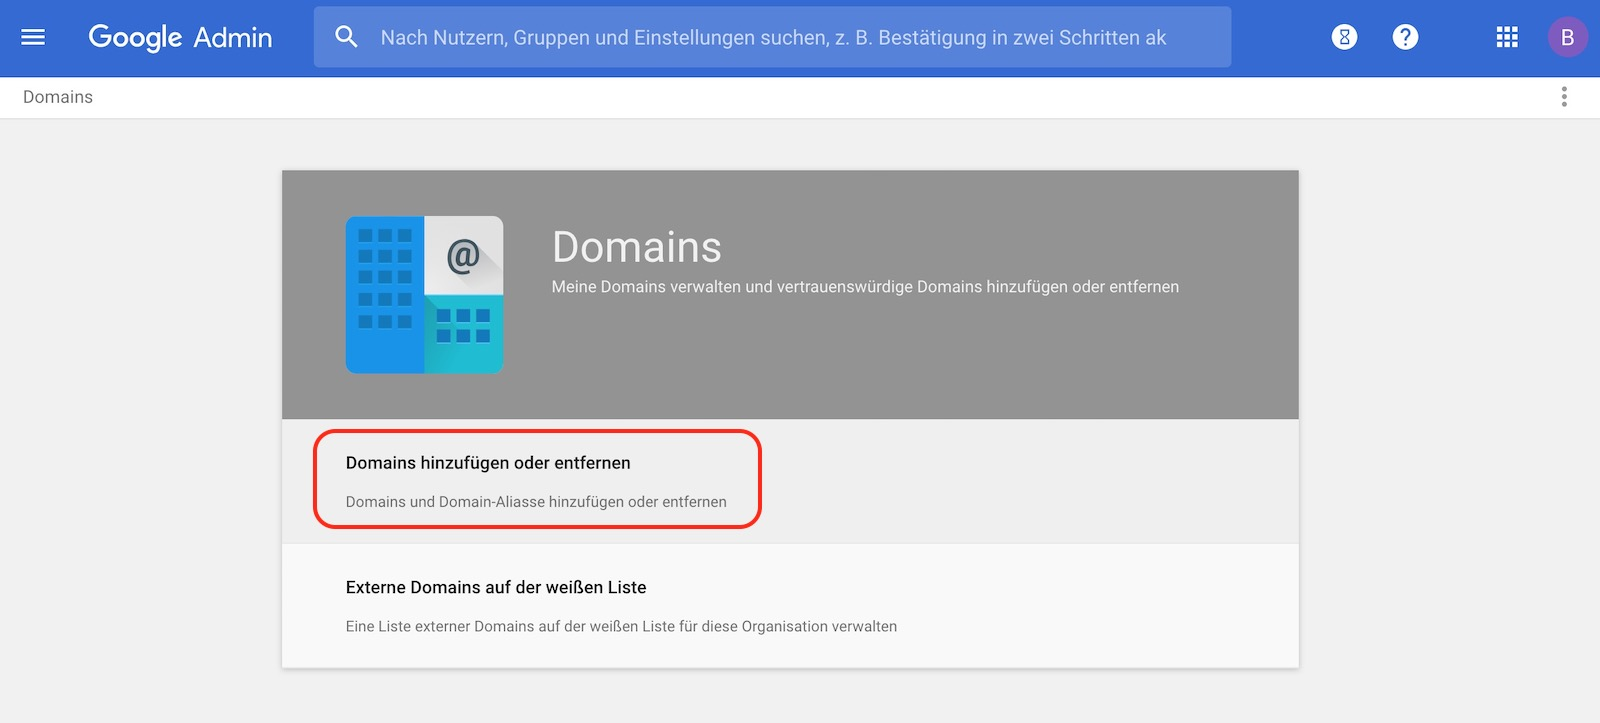 Domain zu G Suite hinzufügen